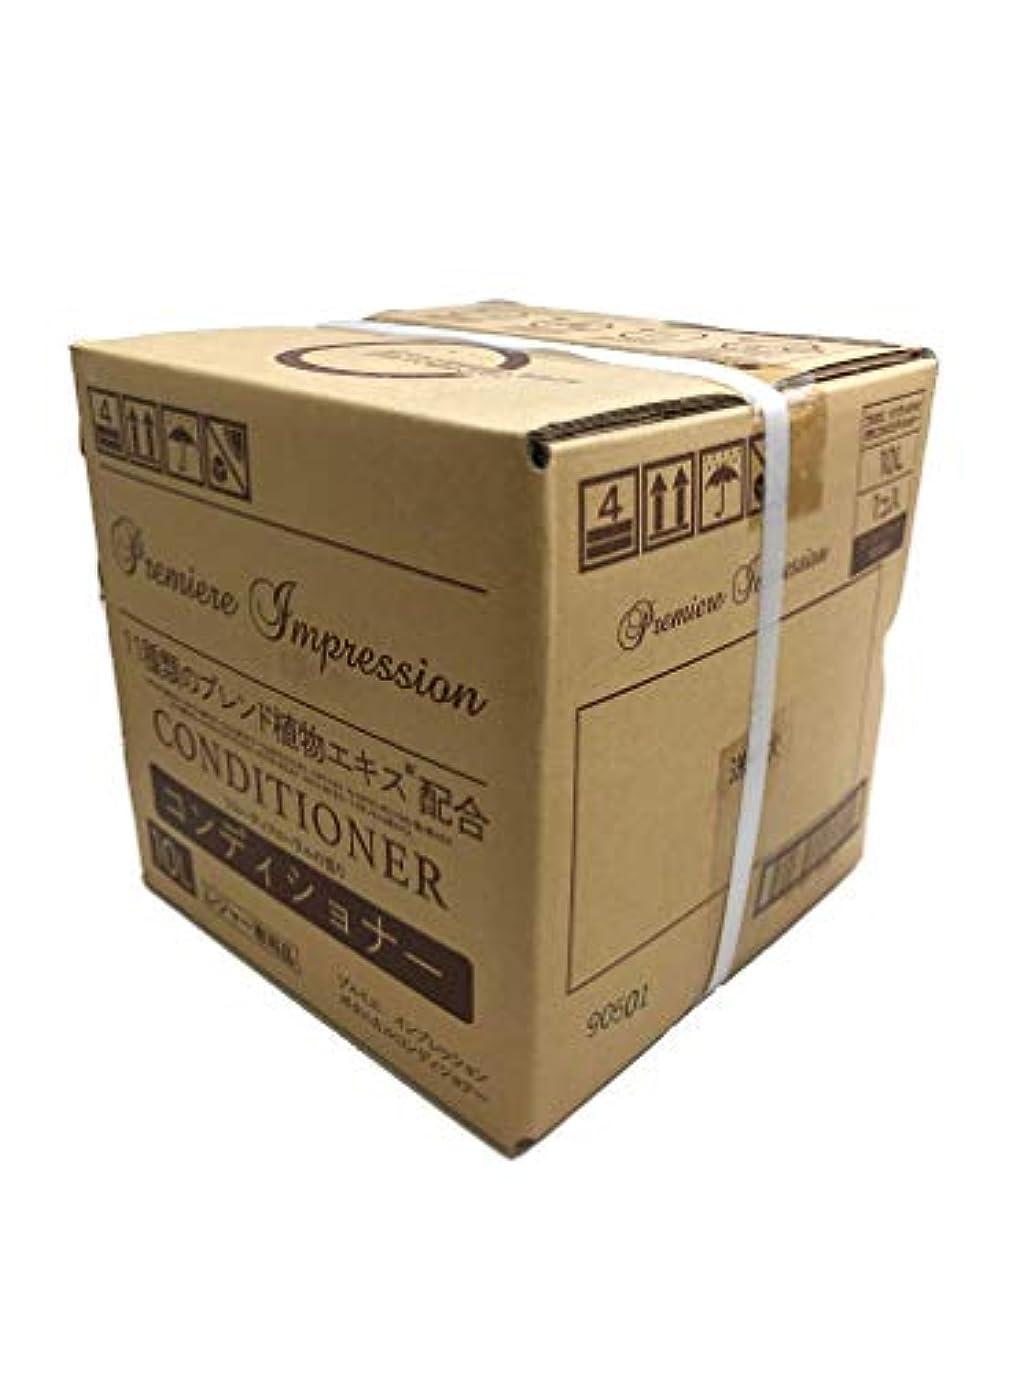 運ぶ輸送あごプルミエインプレッション ボタニカルコンディショナー 業務用 10L